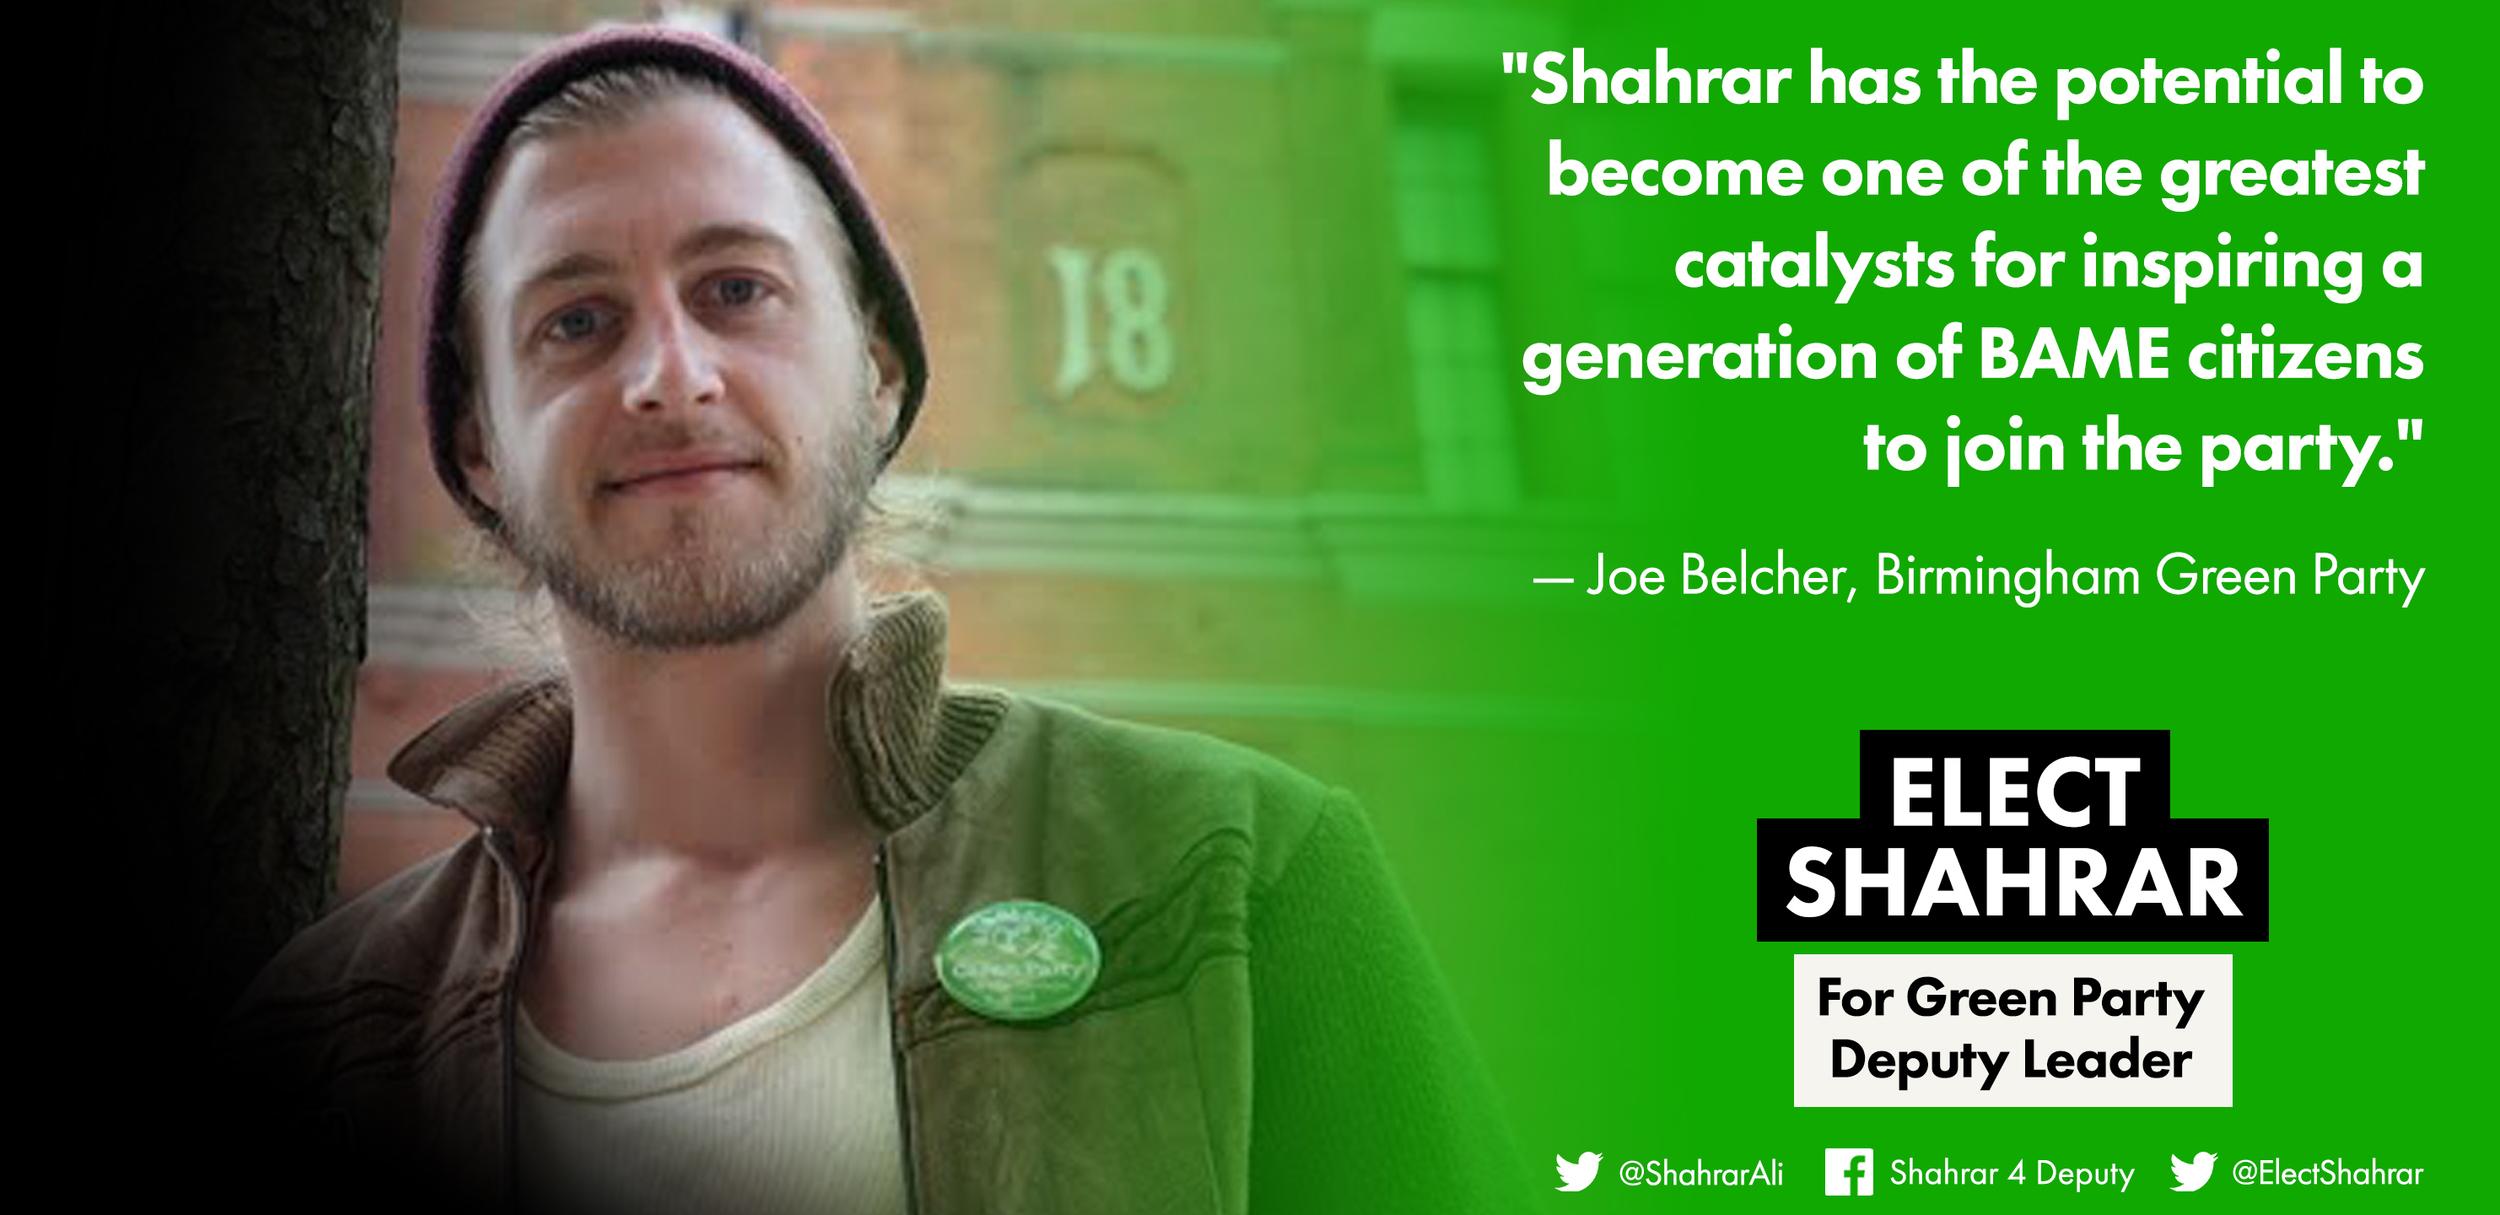 Elect Shahrar Joe Belcher Endorsement layout 2.jpg